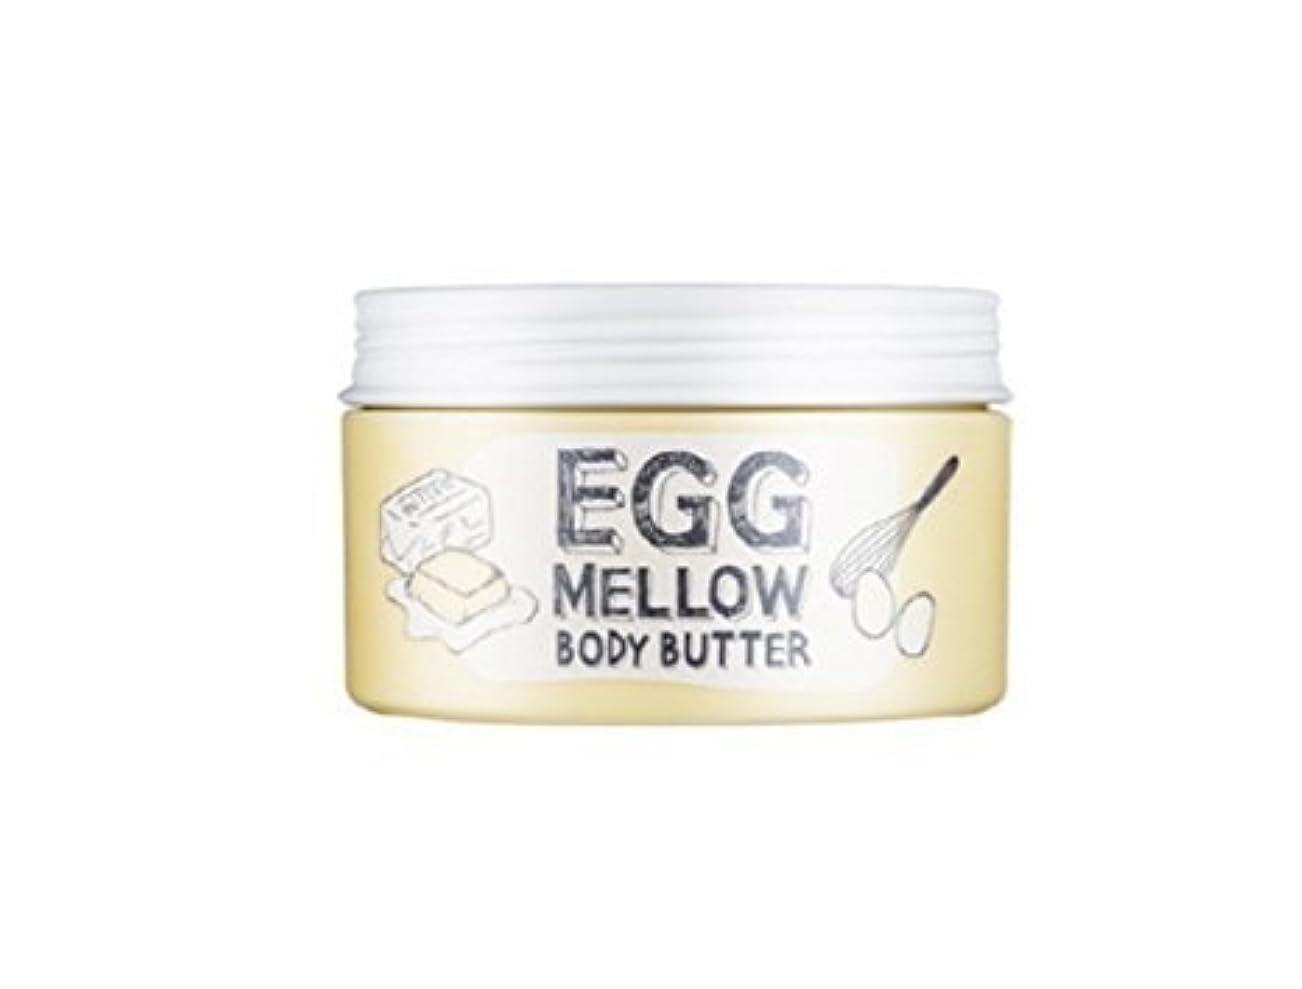 構造メタン不注意Too Cool For School Egg Mellow Body Butter 200g(7.05oz) Moisture body cream [並行輸入品]